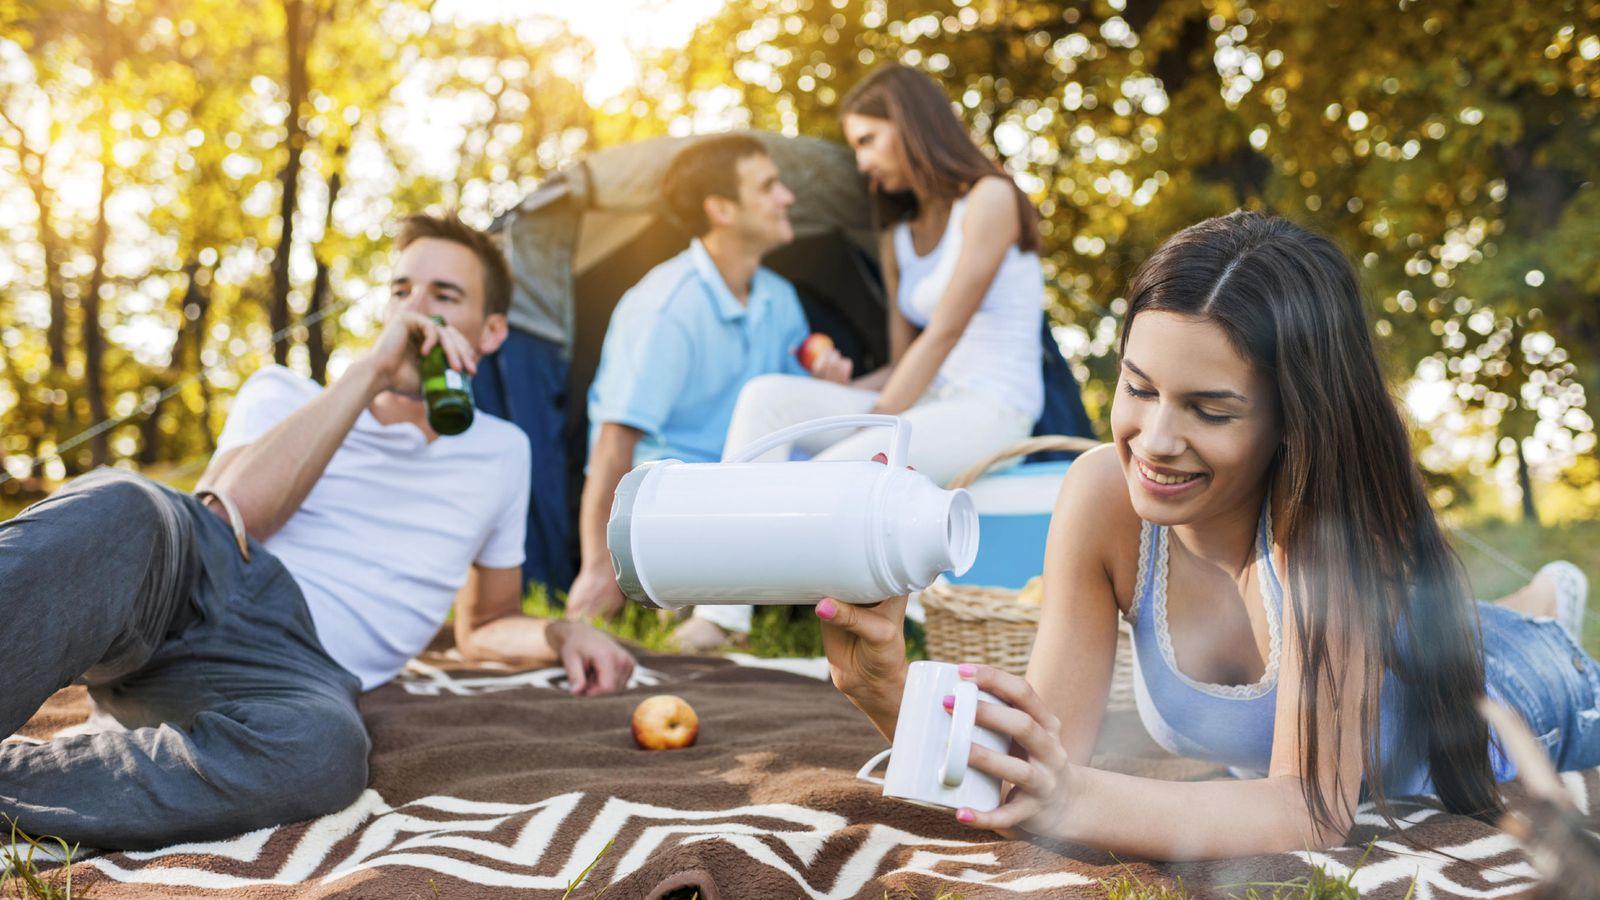 Foto: La amistad, el amor o el consumo moderado de alcohol influyen positivamente en nuestro bienestar. (iStock)